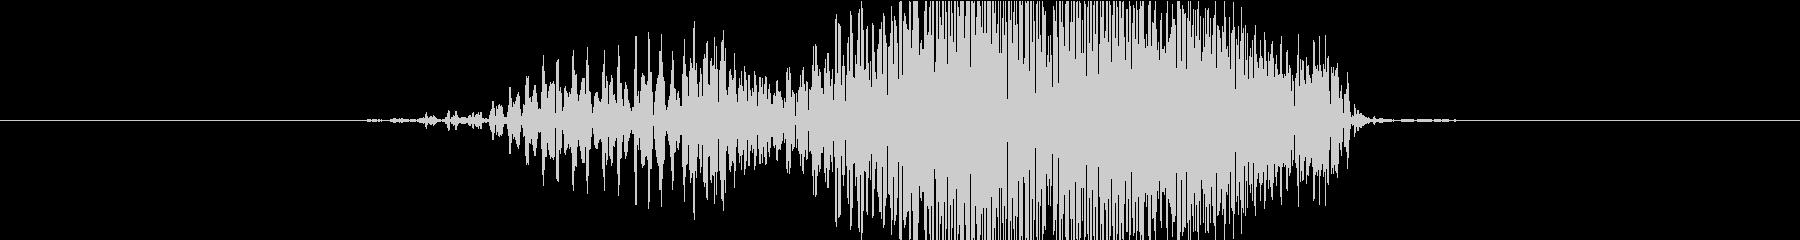 ジッパー閉める音(ブィイイ)の未再生の波形